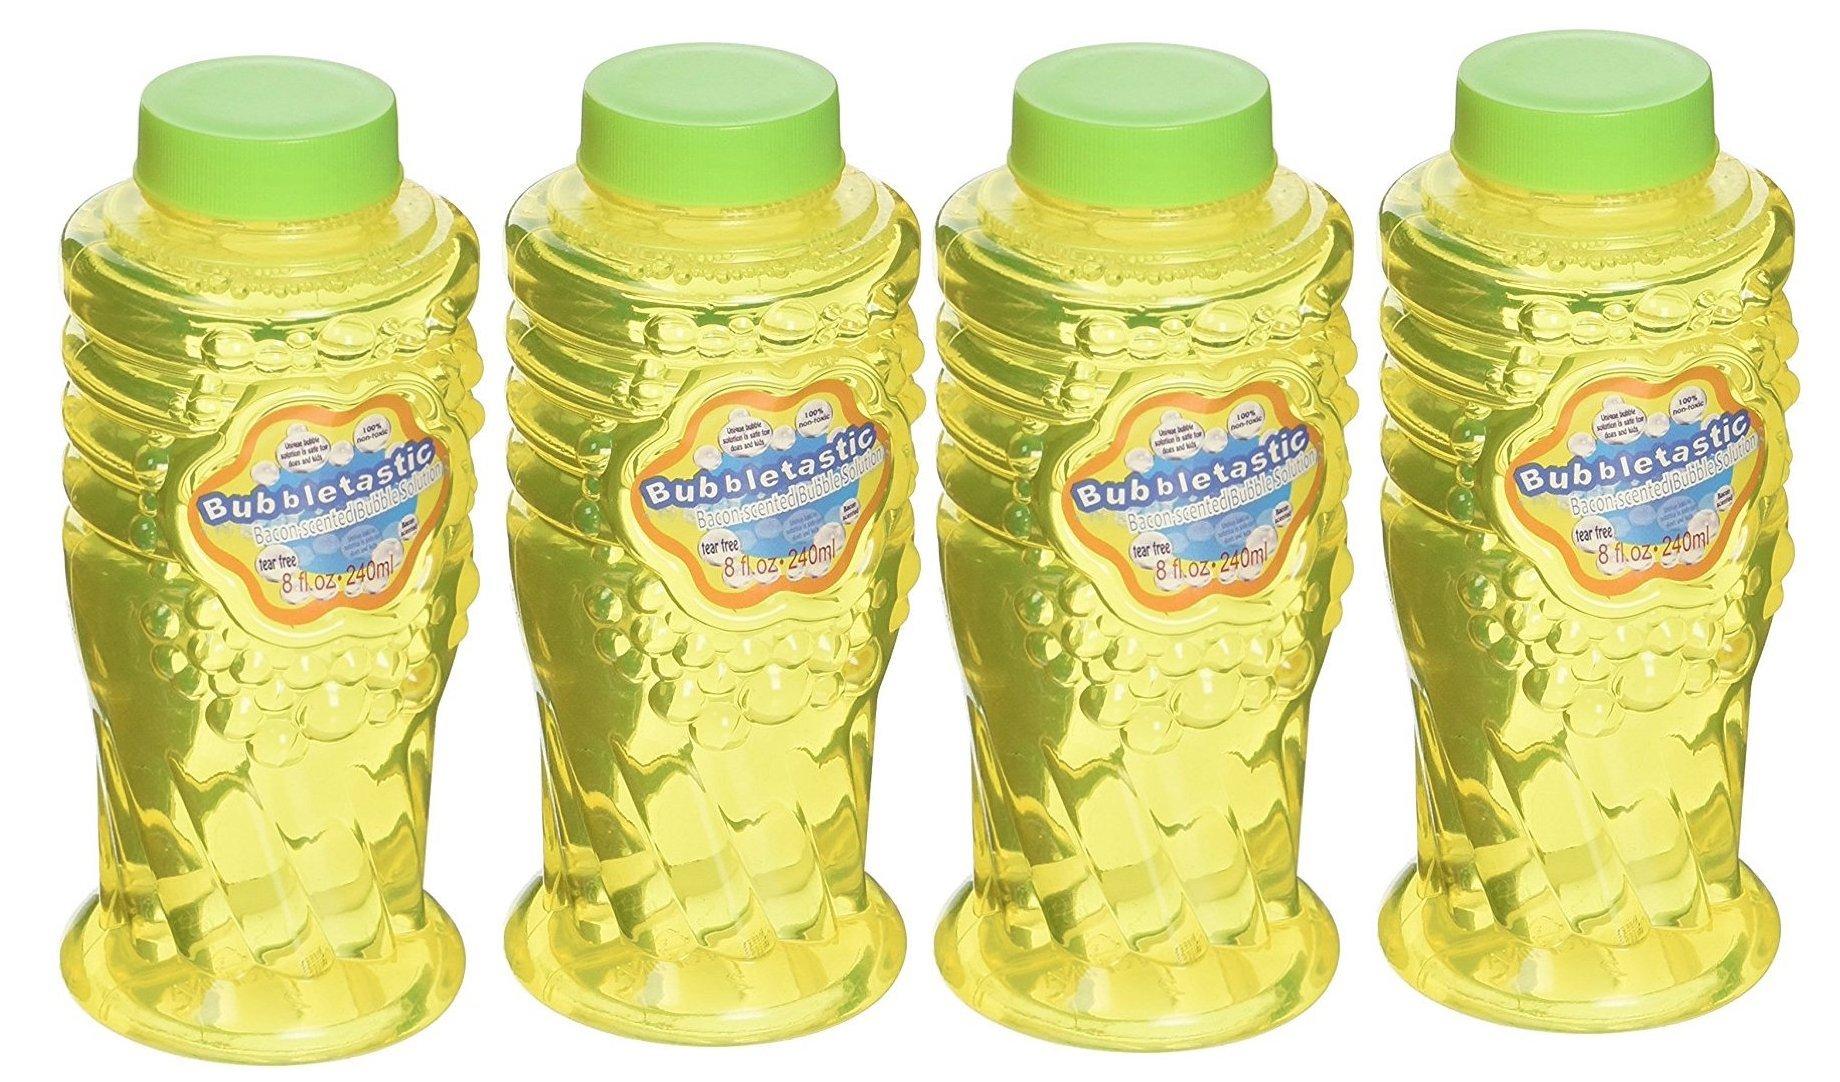 Bubbletastic Dog Bubbles Bacon Bubbles for Dogs - 4 Bottles - 8oz Each - Includes Wands!